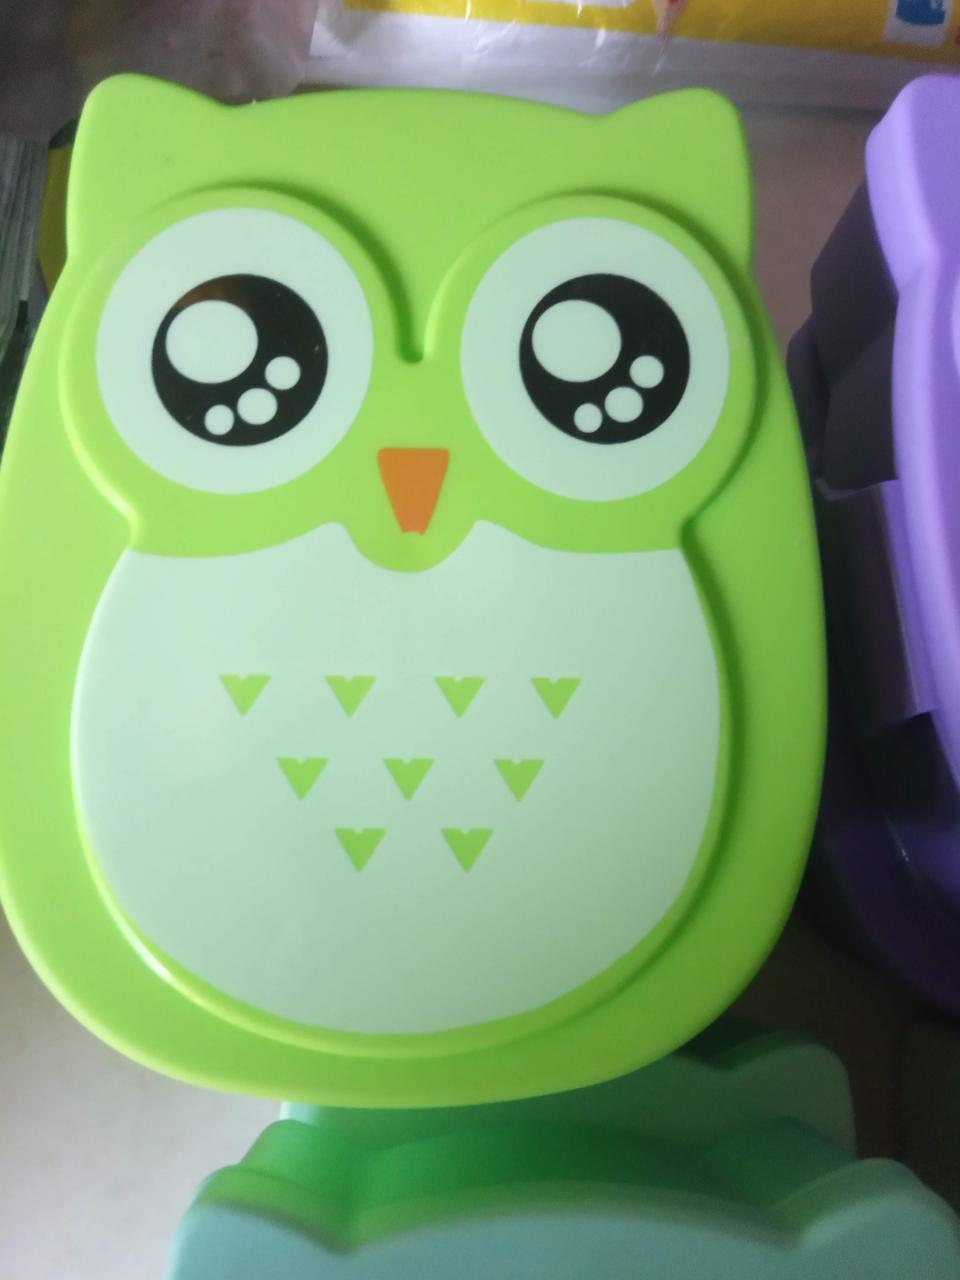 Ланчбокс сова, контейнер для еды, для обедов, перекусы, в школу салатовый, зеленый